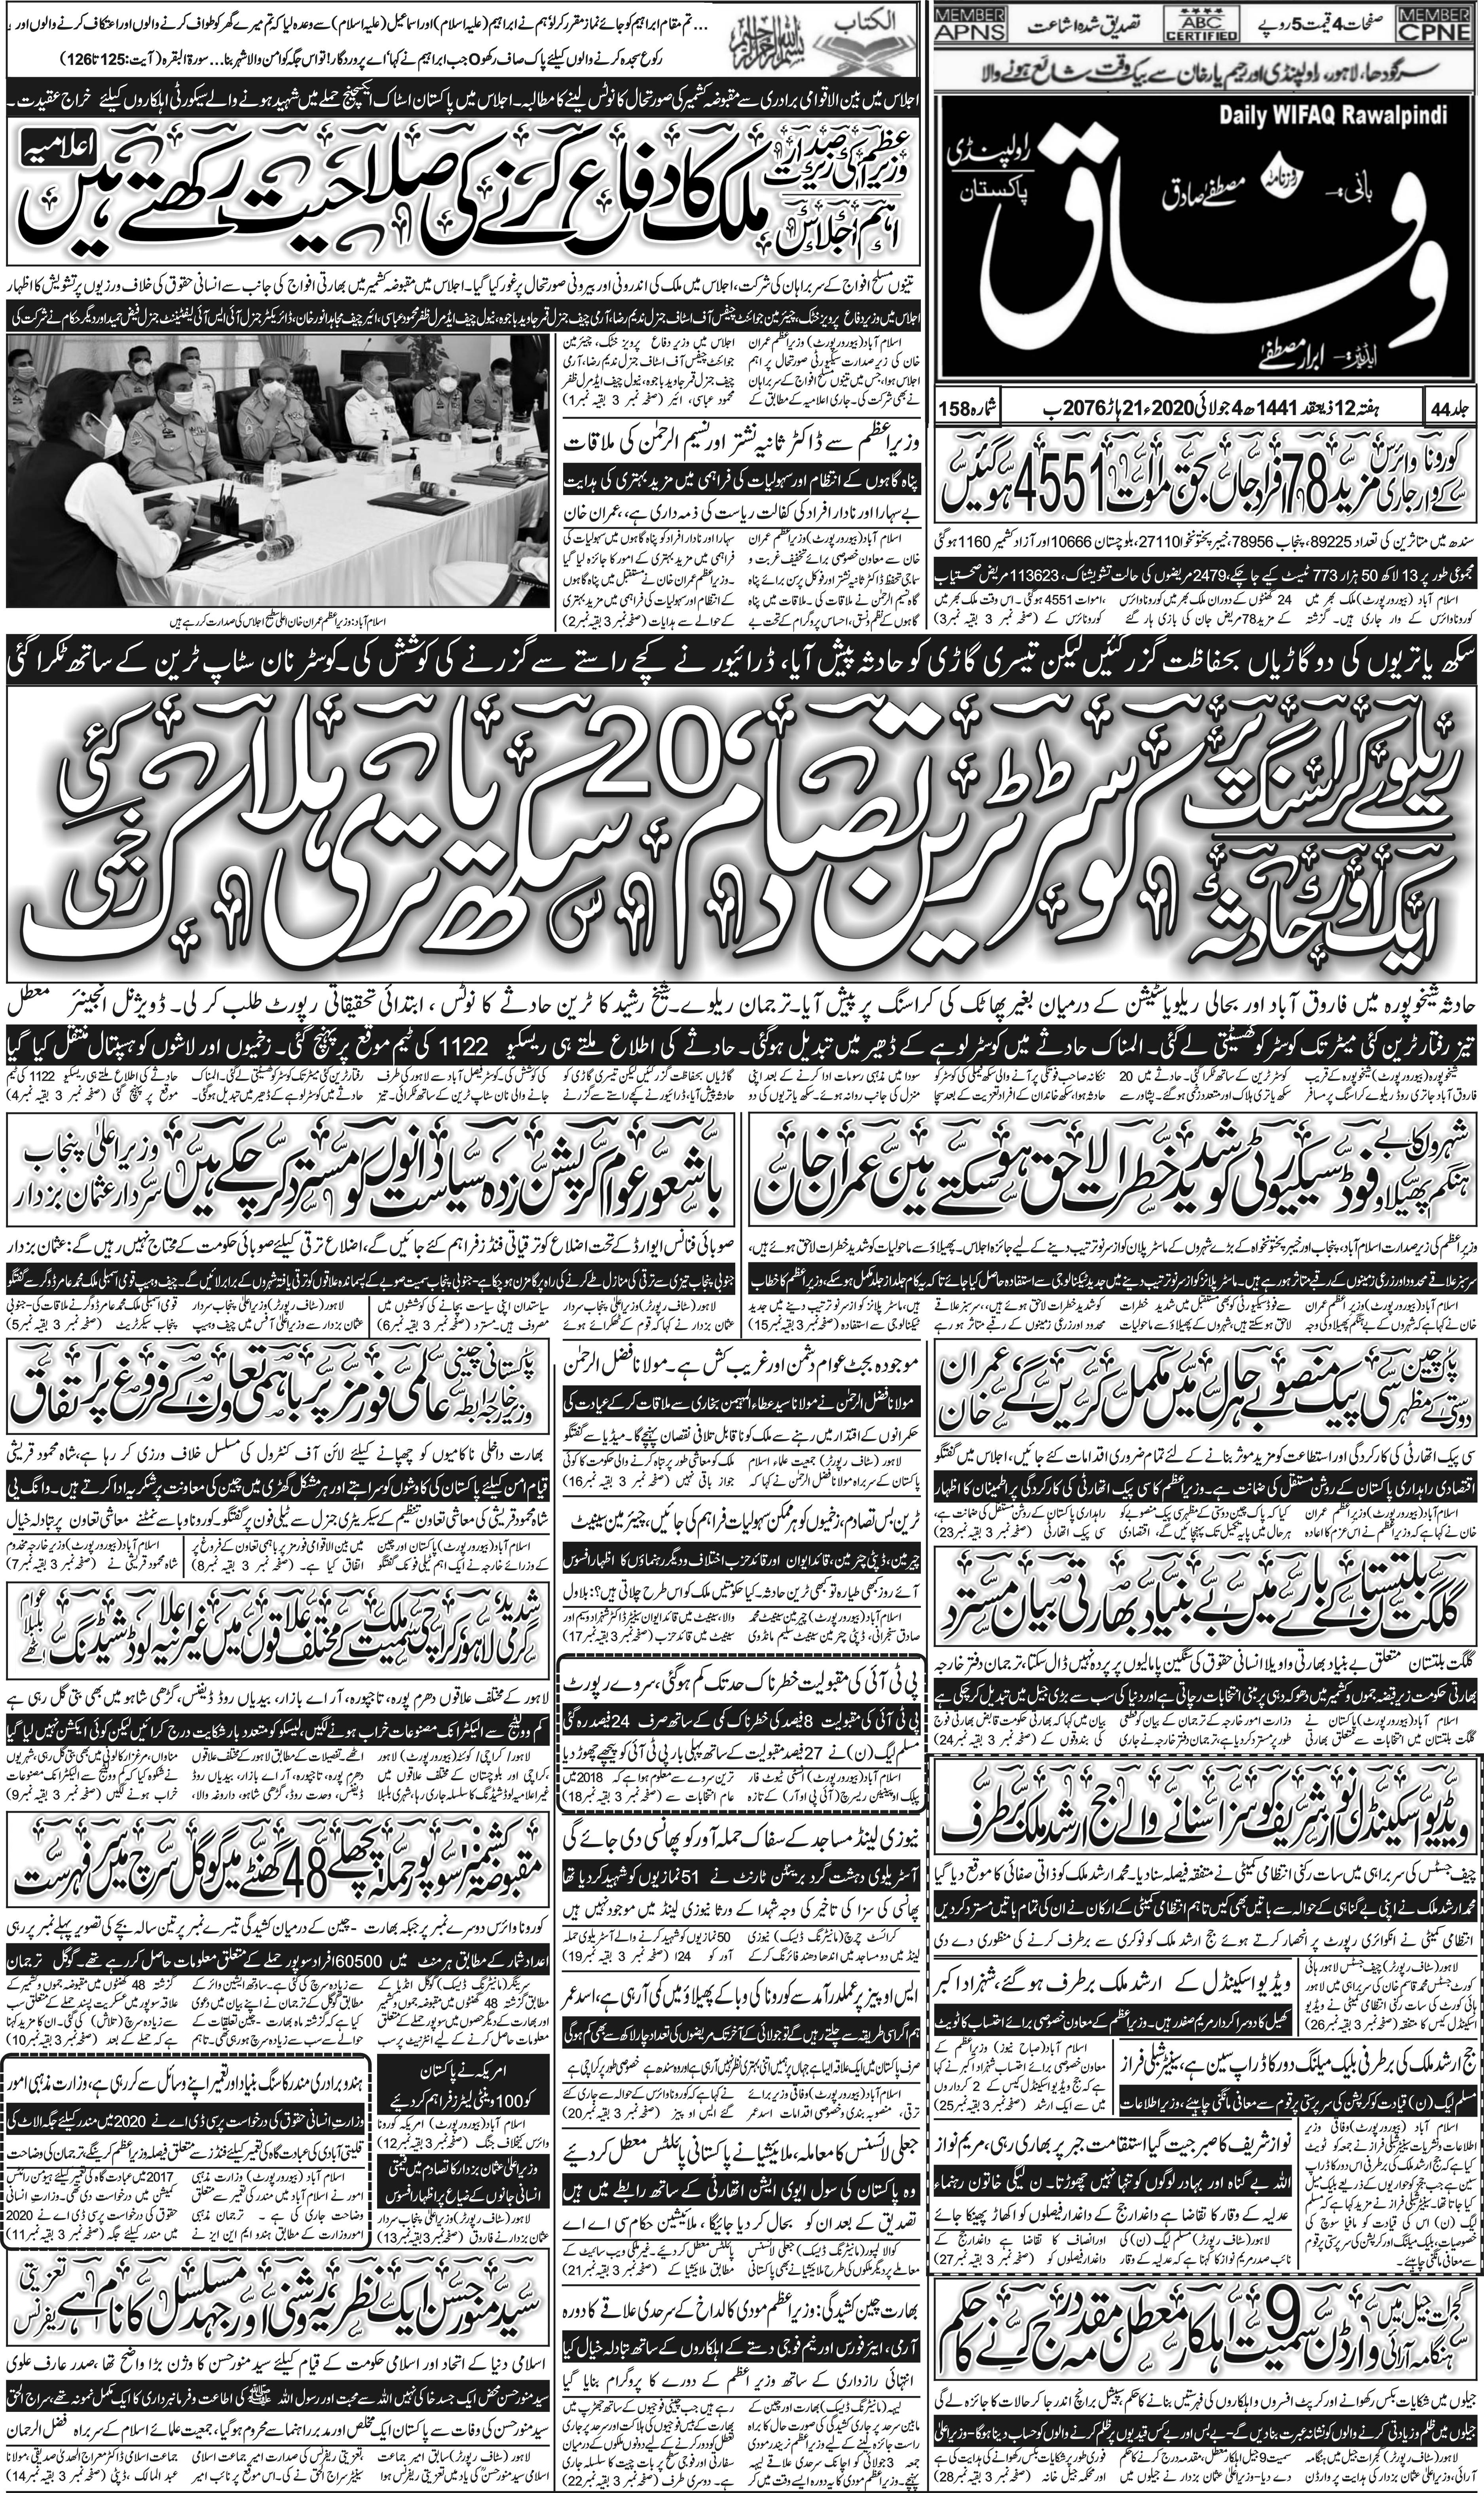 e-Paper – Daily Wifaq – Rawalpindi – 04-07-2020